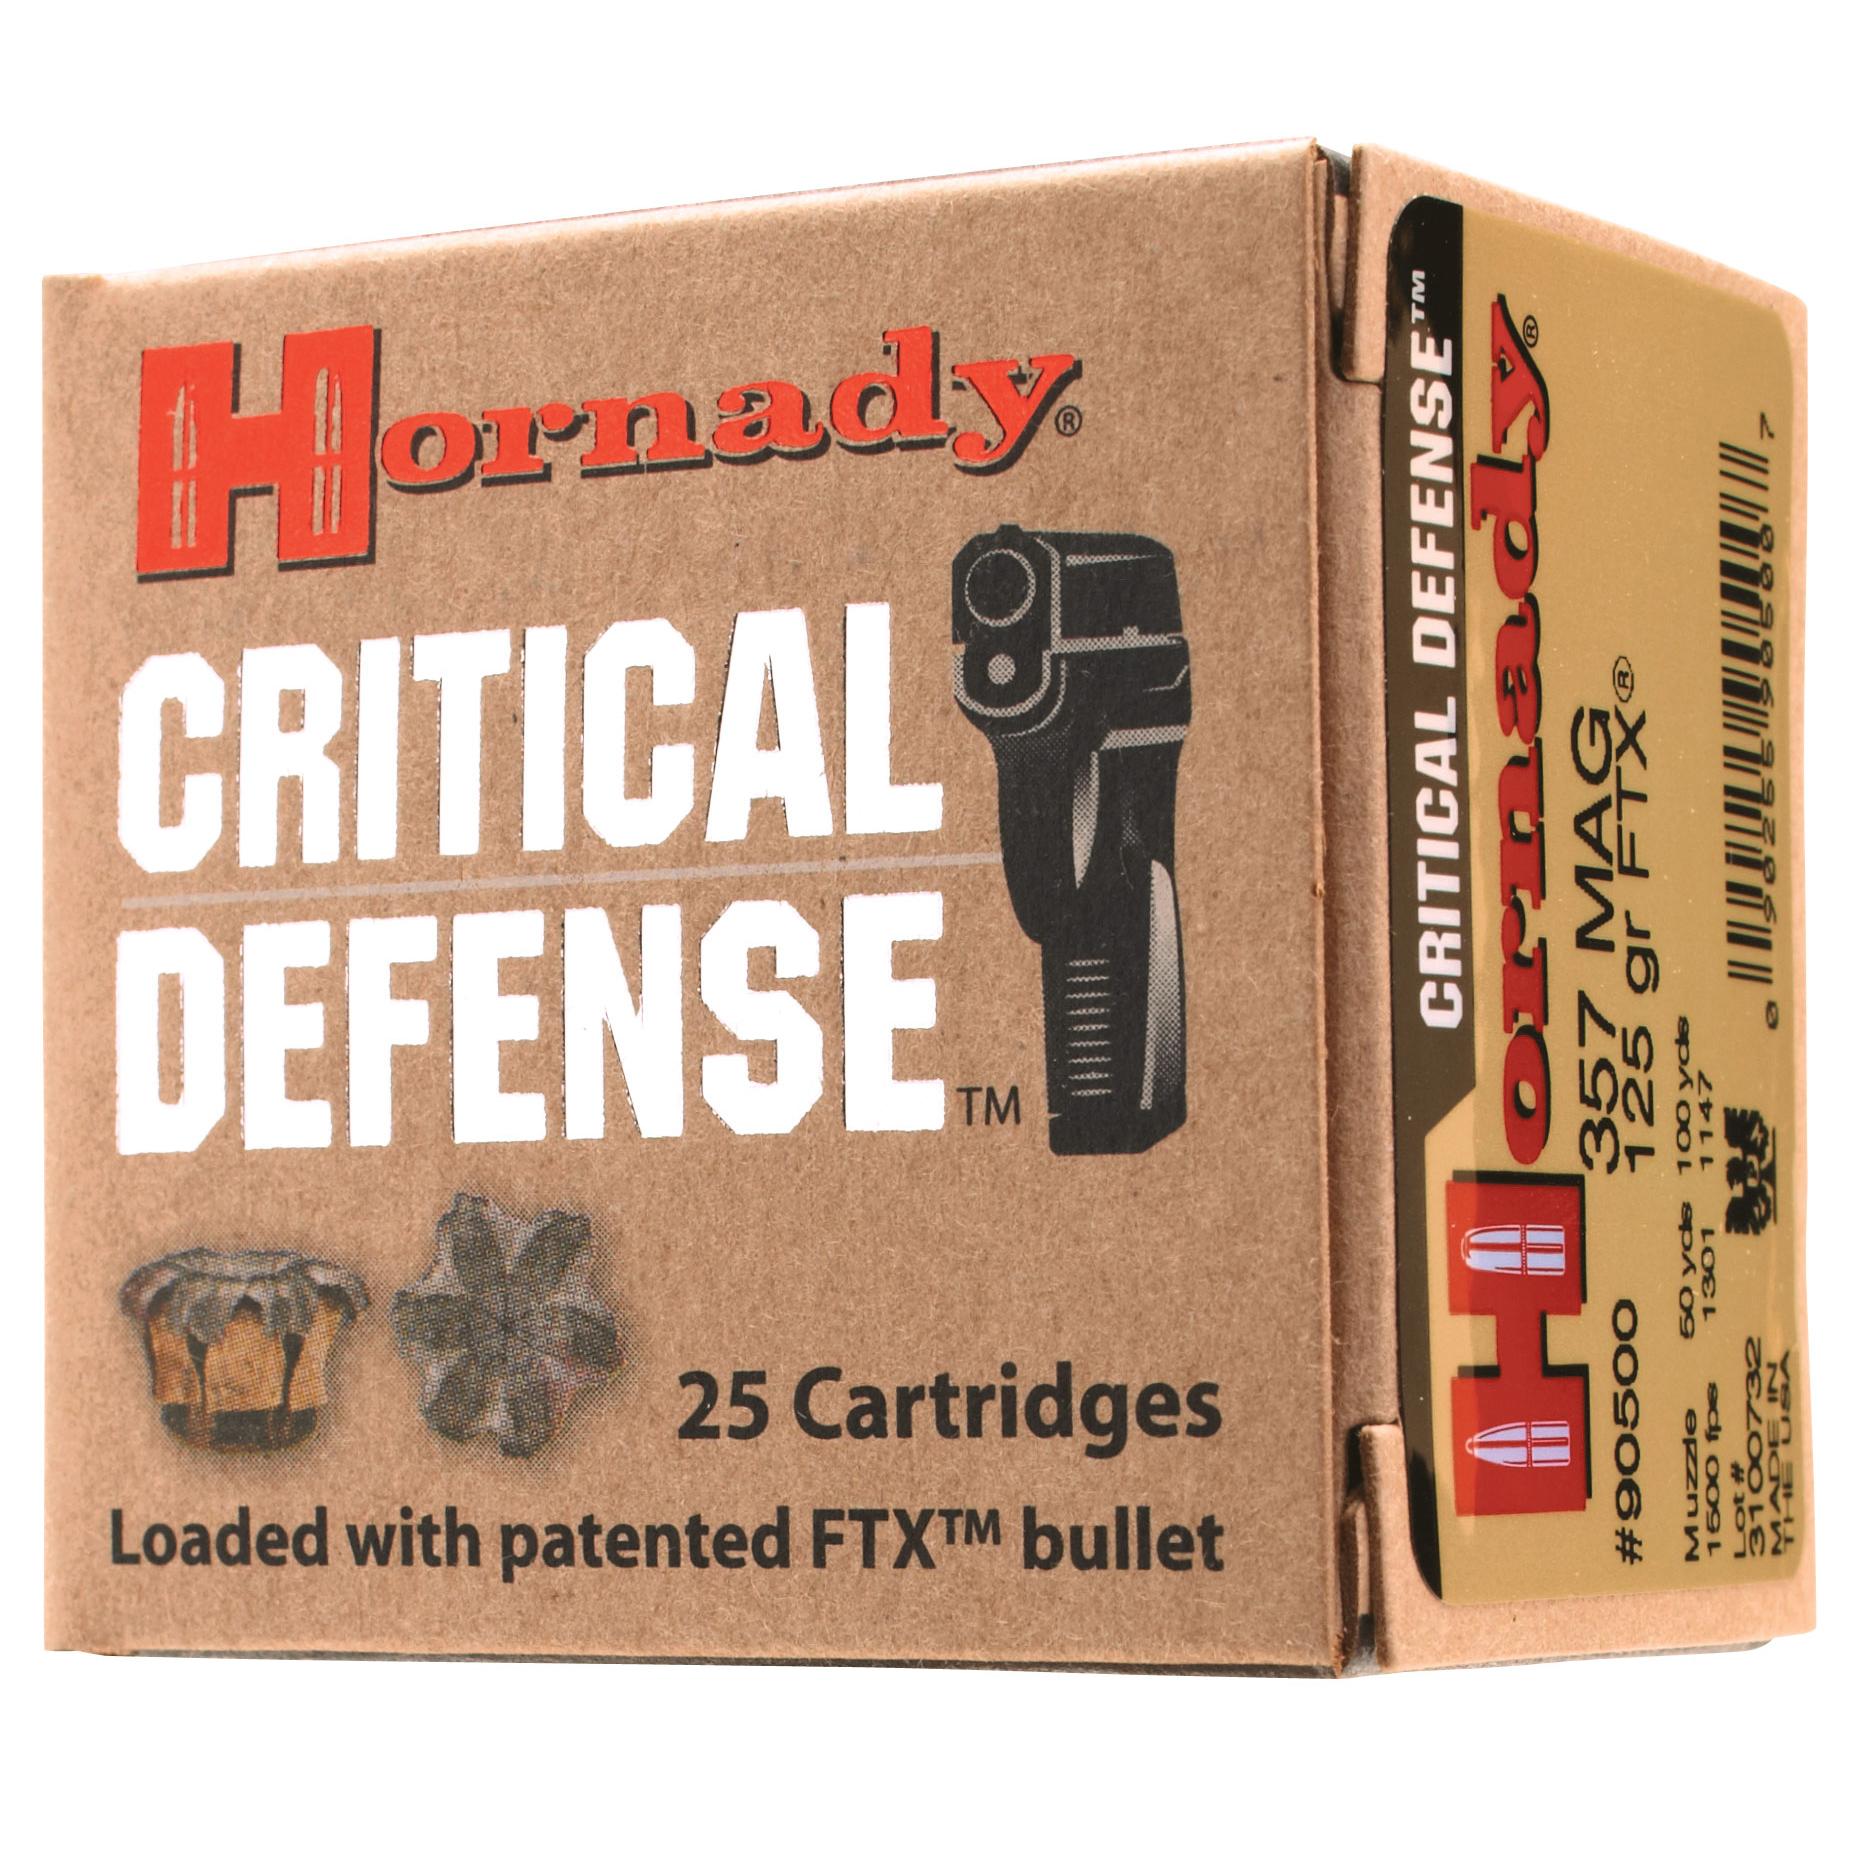 Hornady Critical Defense Handgun Ammo, .45 ACP, 185-gr, FTX, 25 Rounds